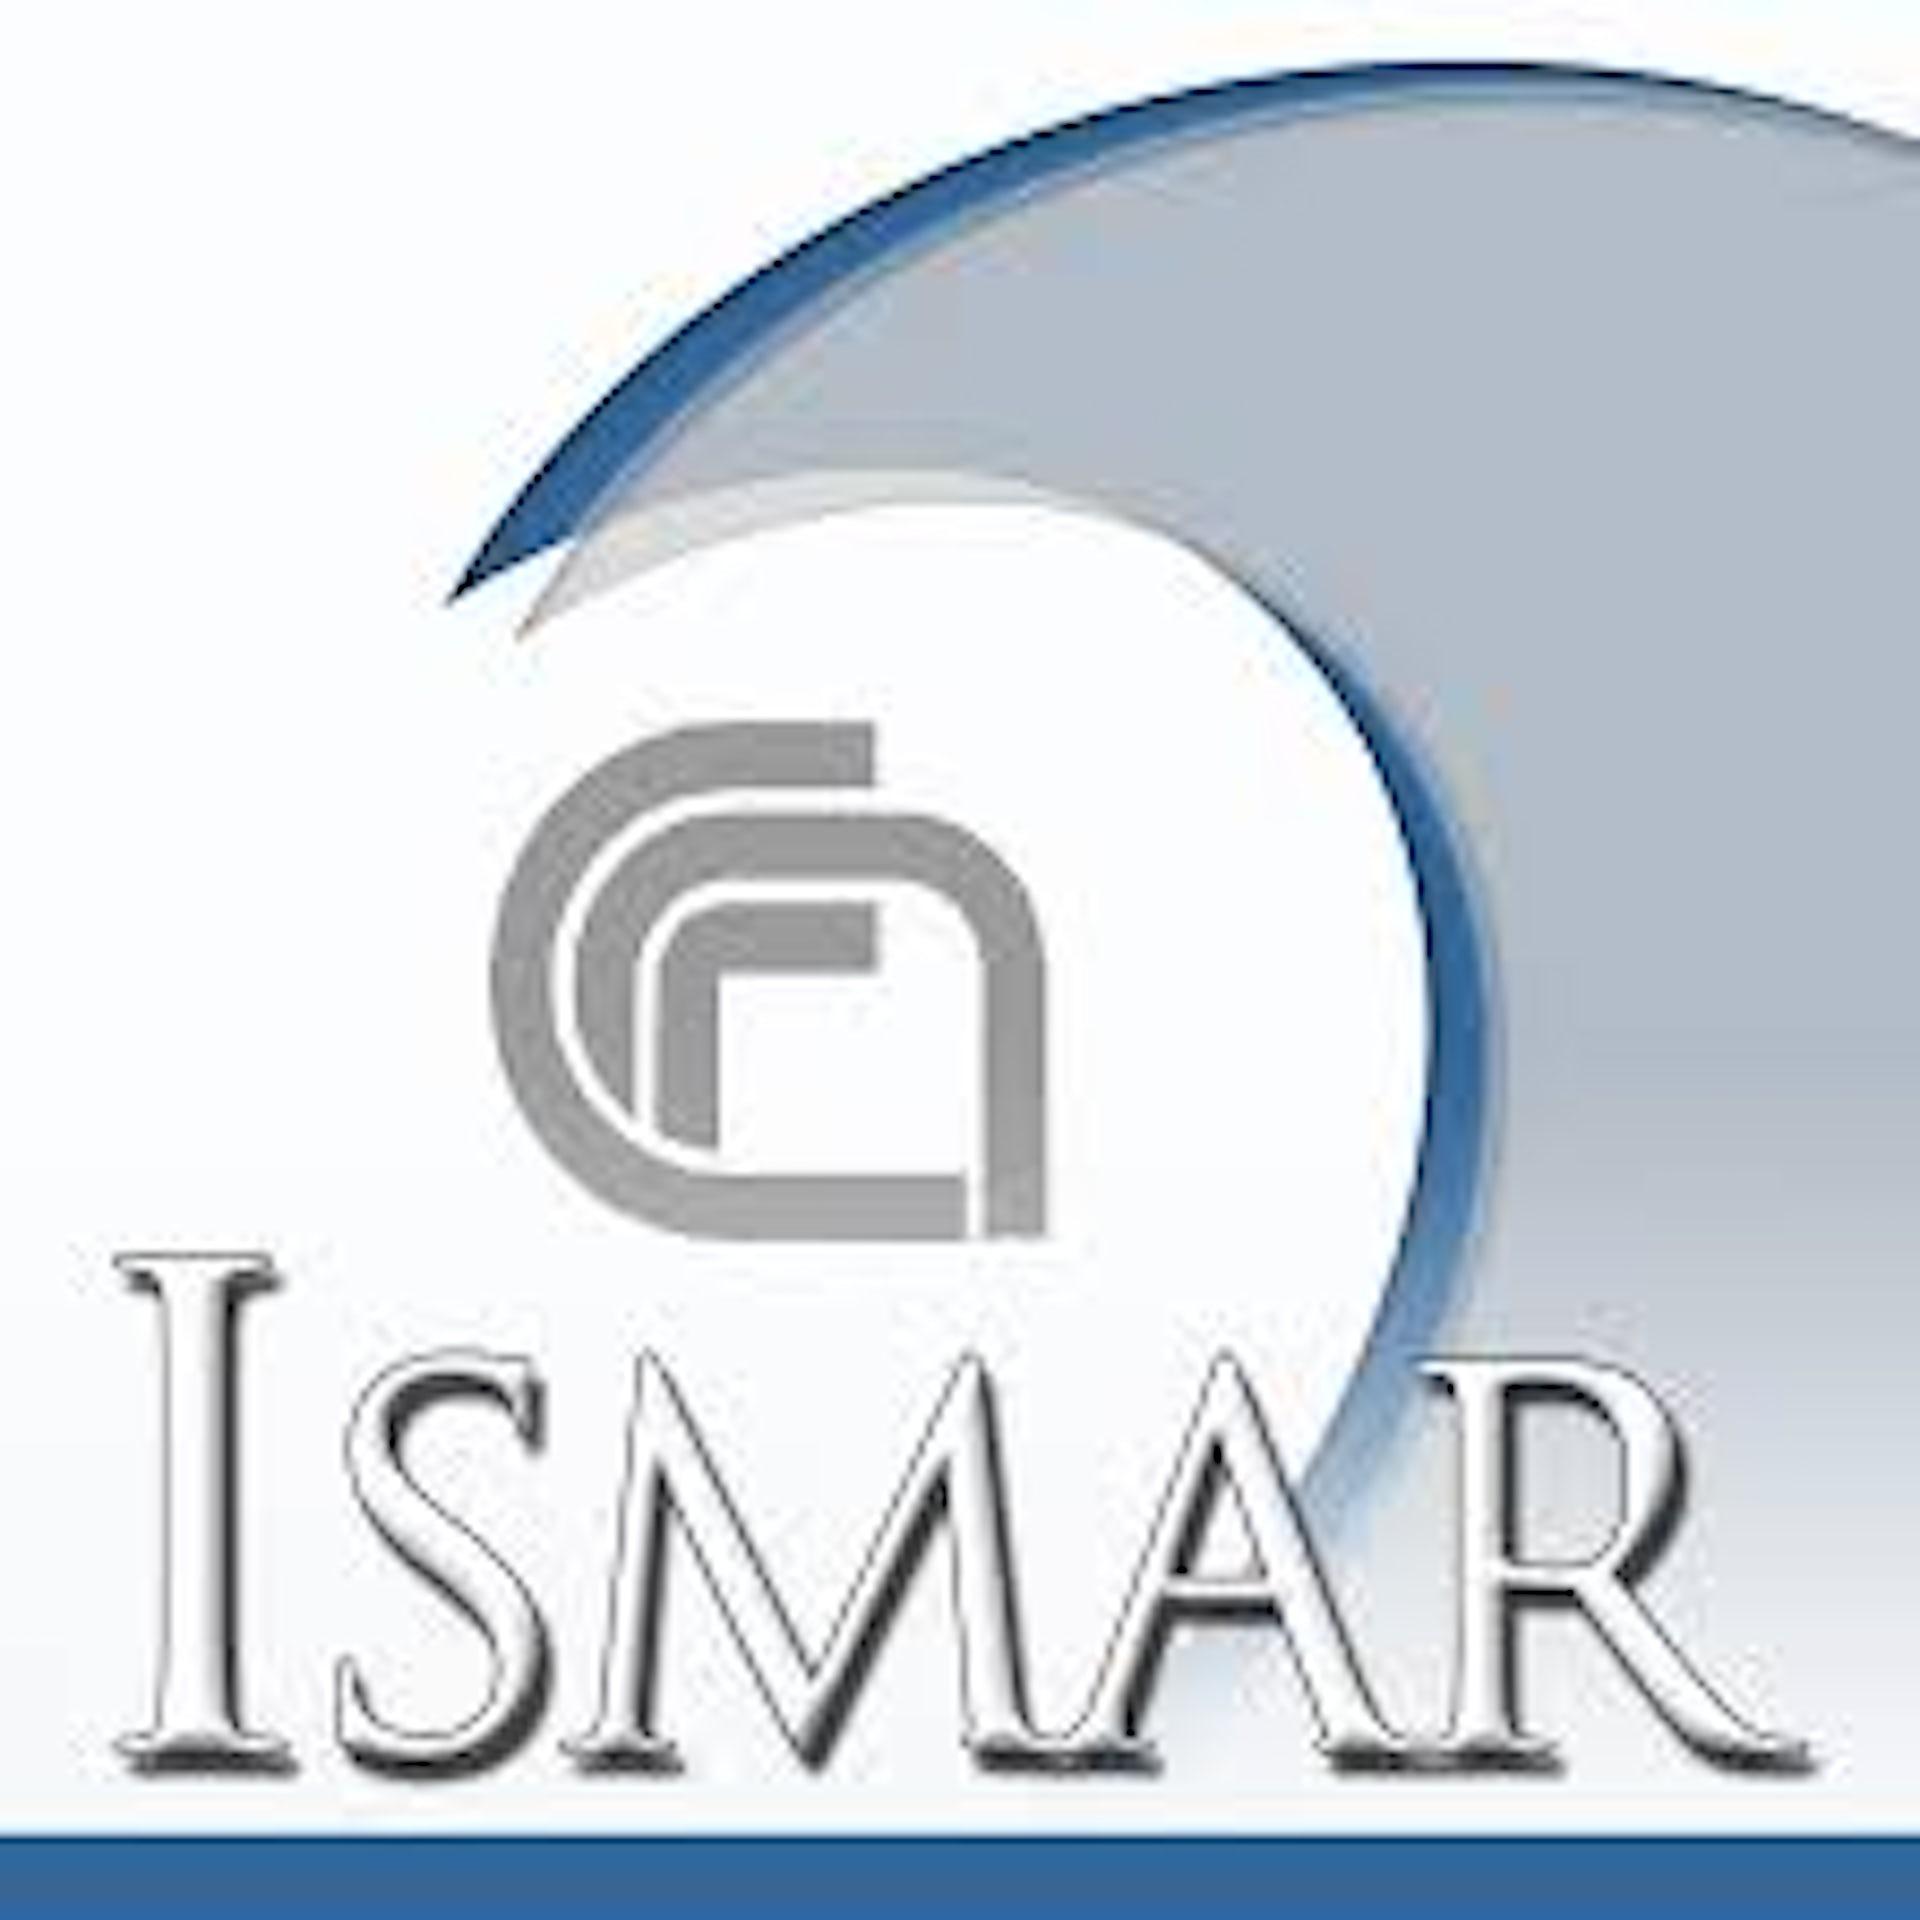 Logo 1541762192.jpg?ixlib=rb 1.1